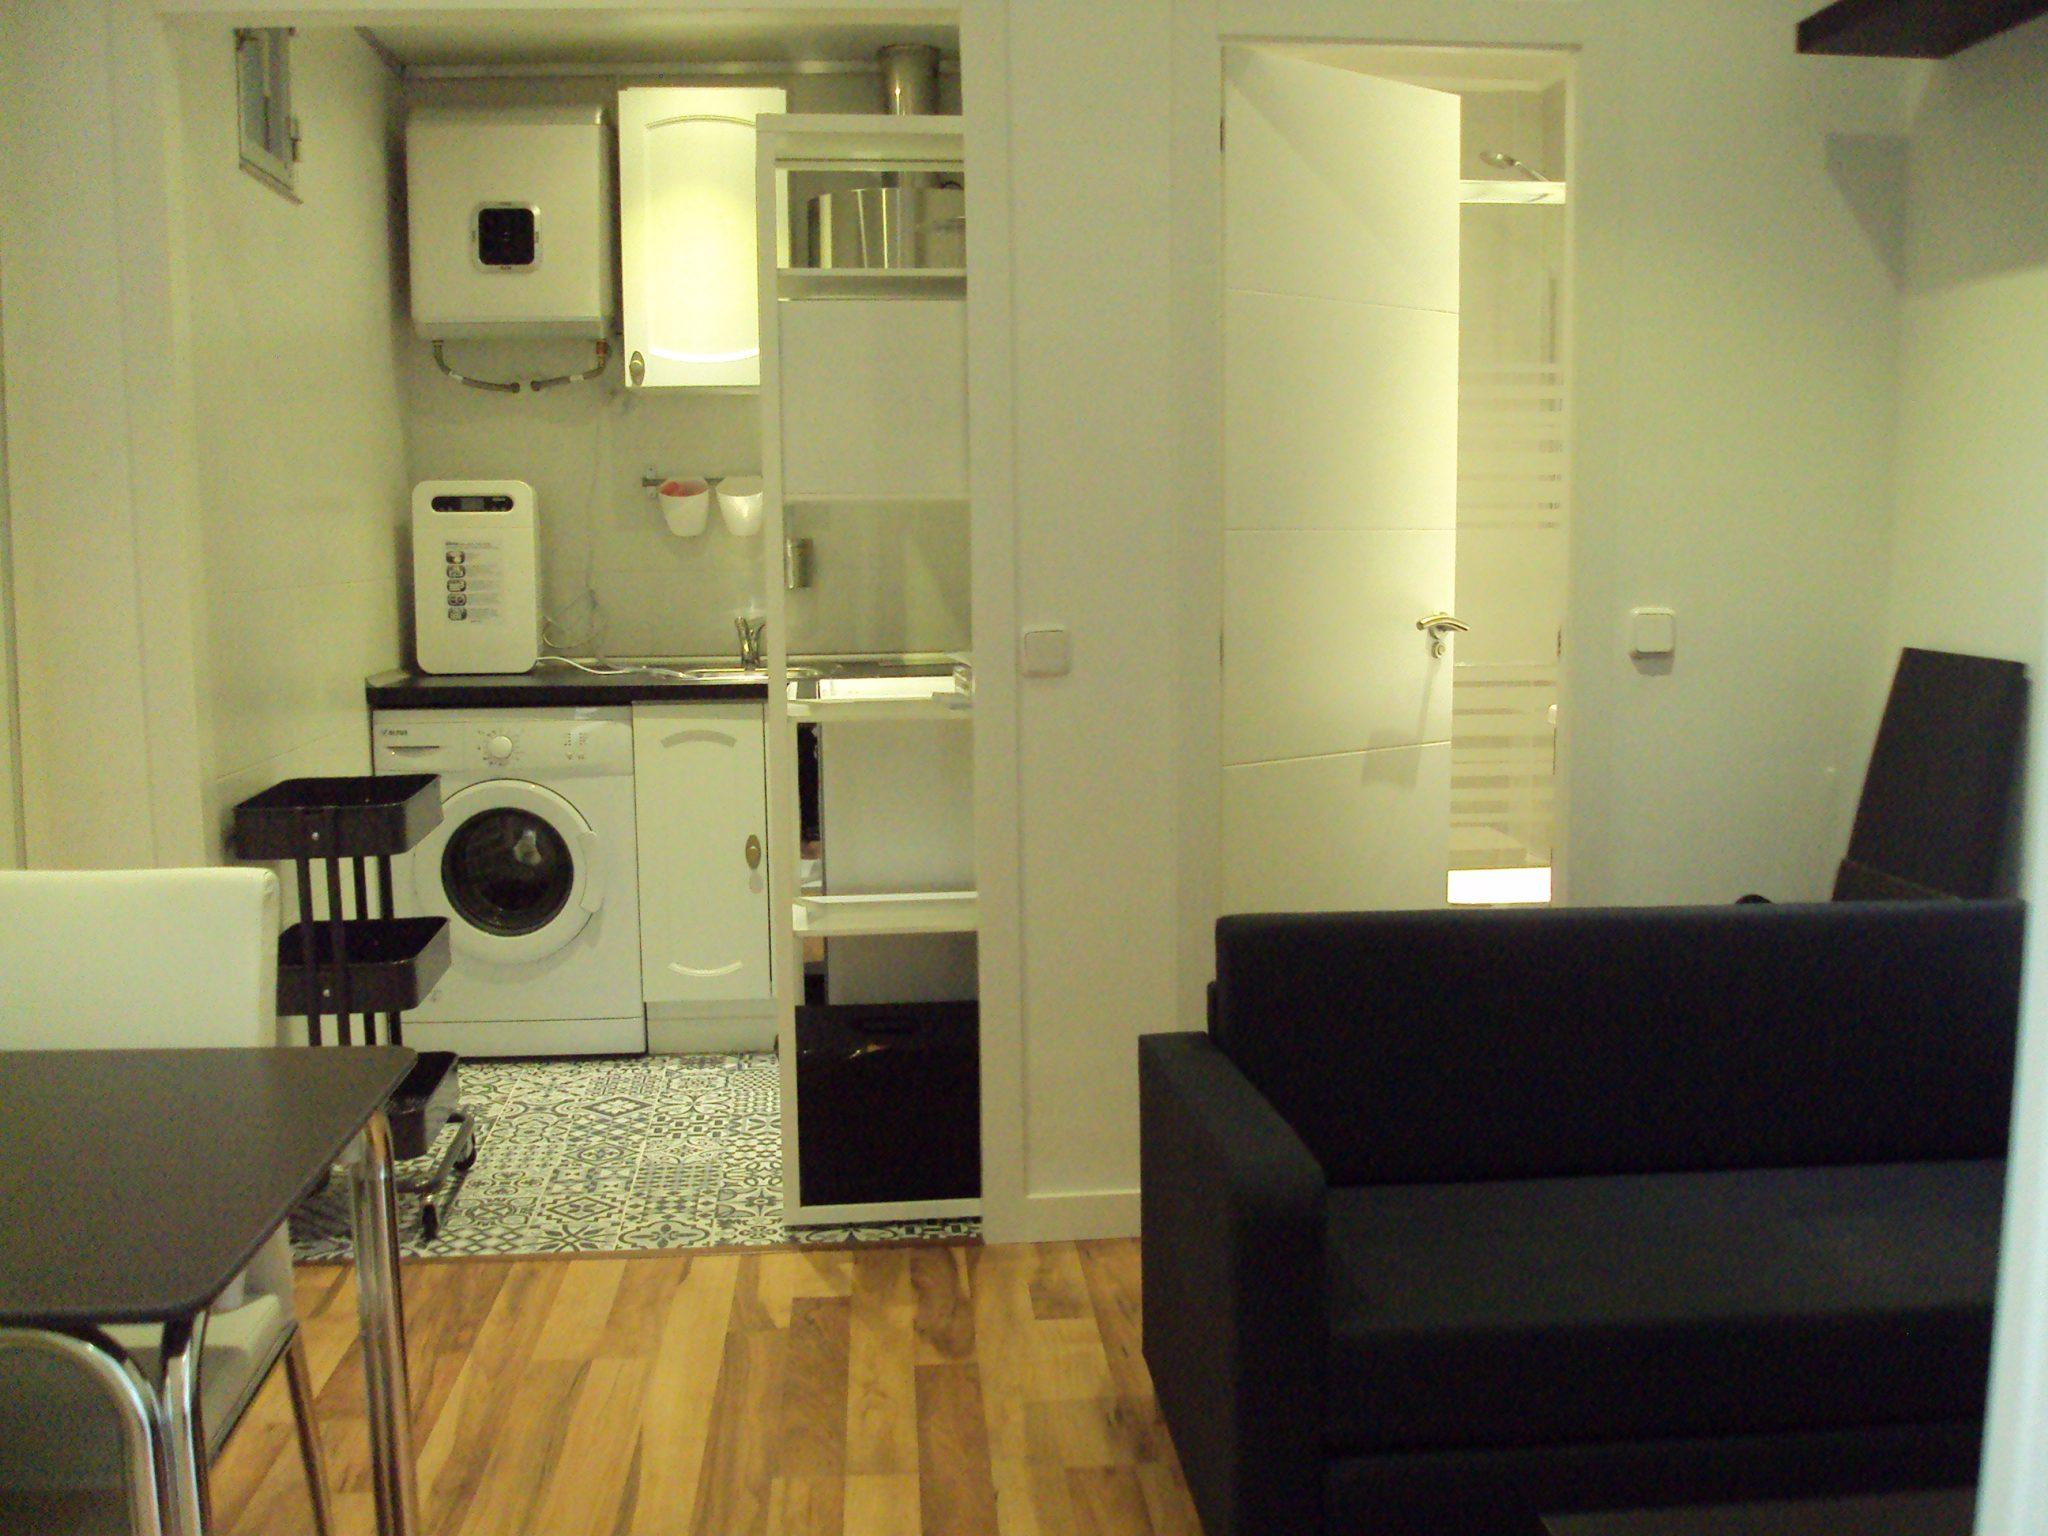 Alquiler de Estudio en calle Monteleon | Malasaña – Madrid